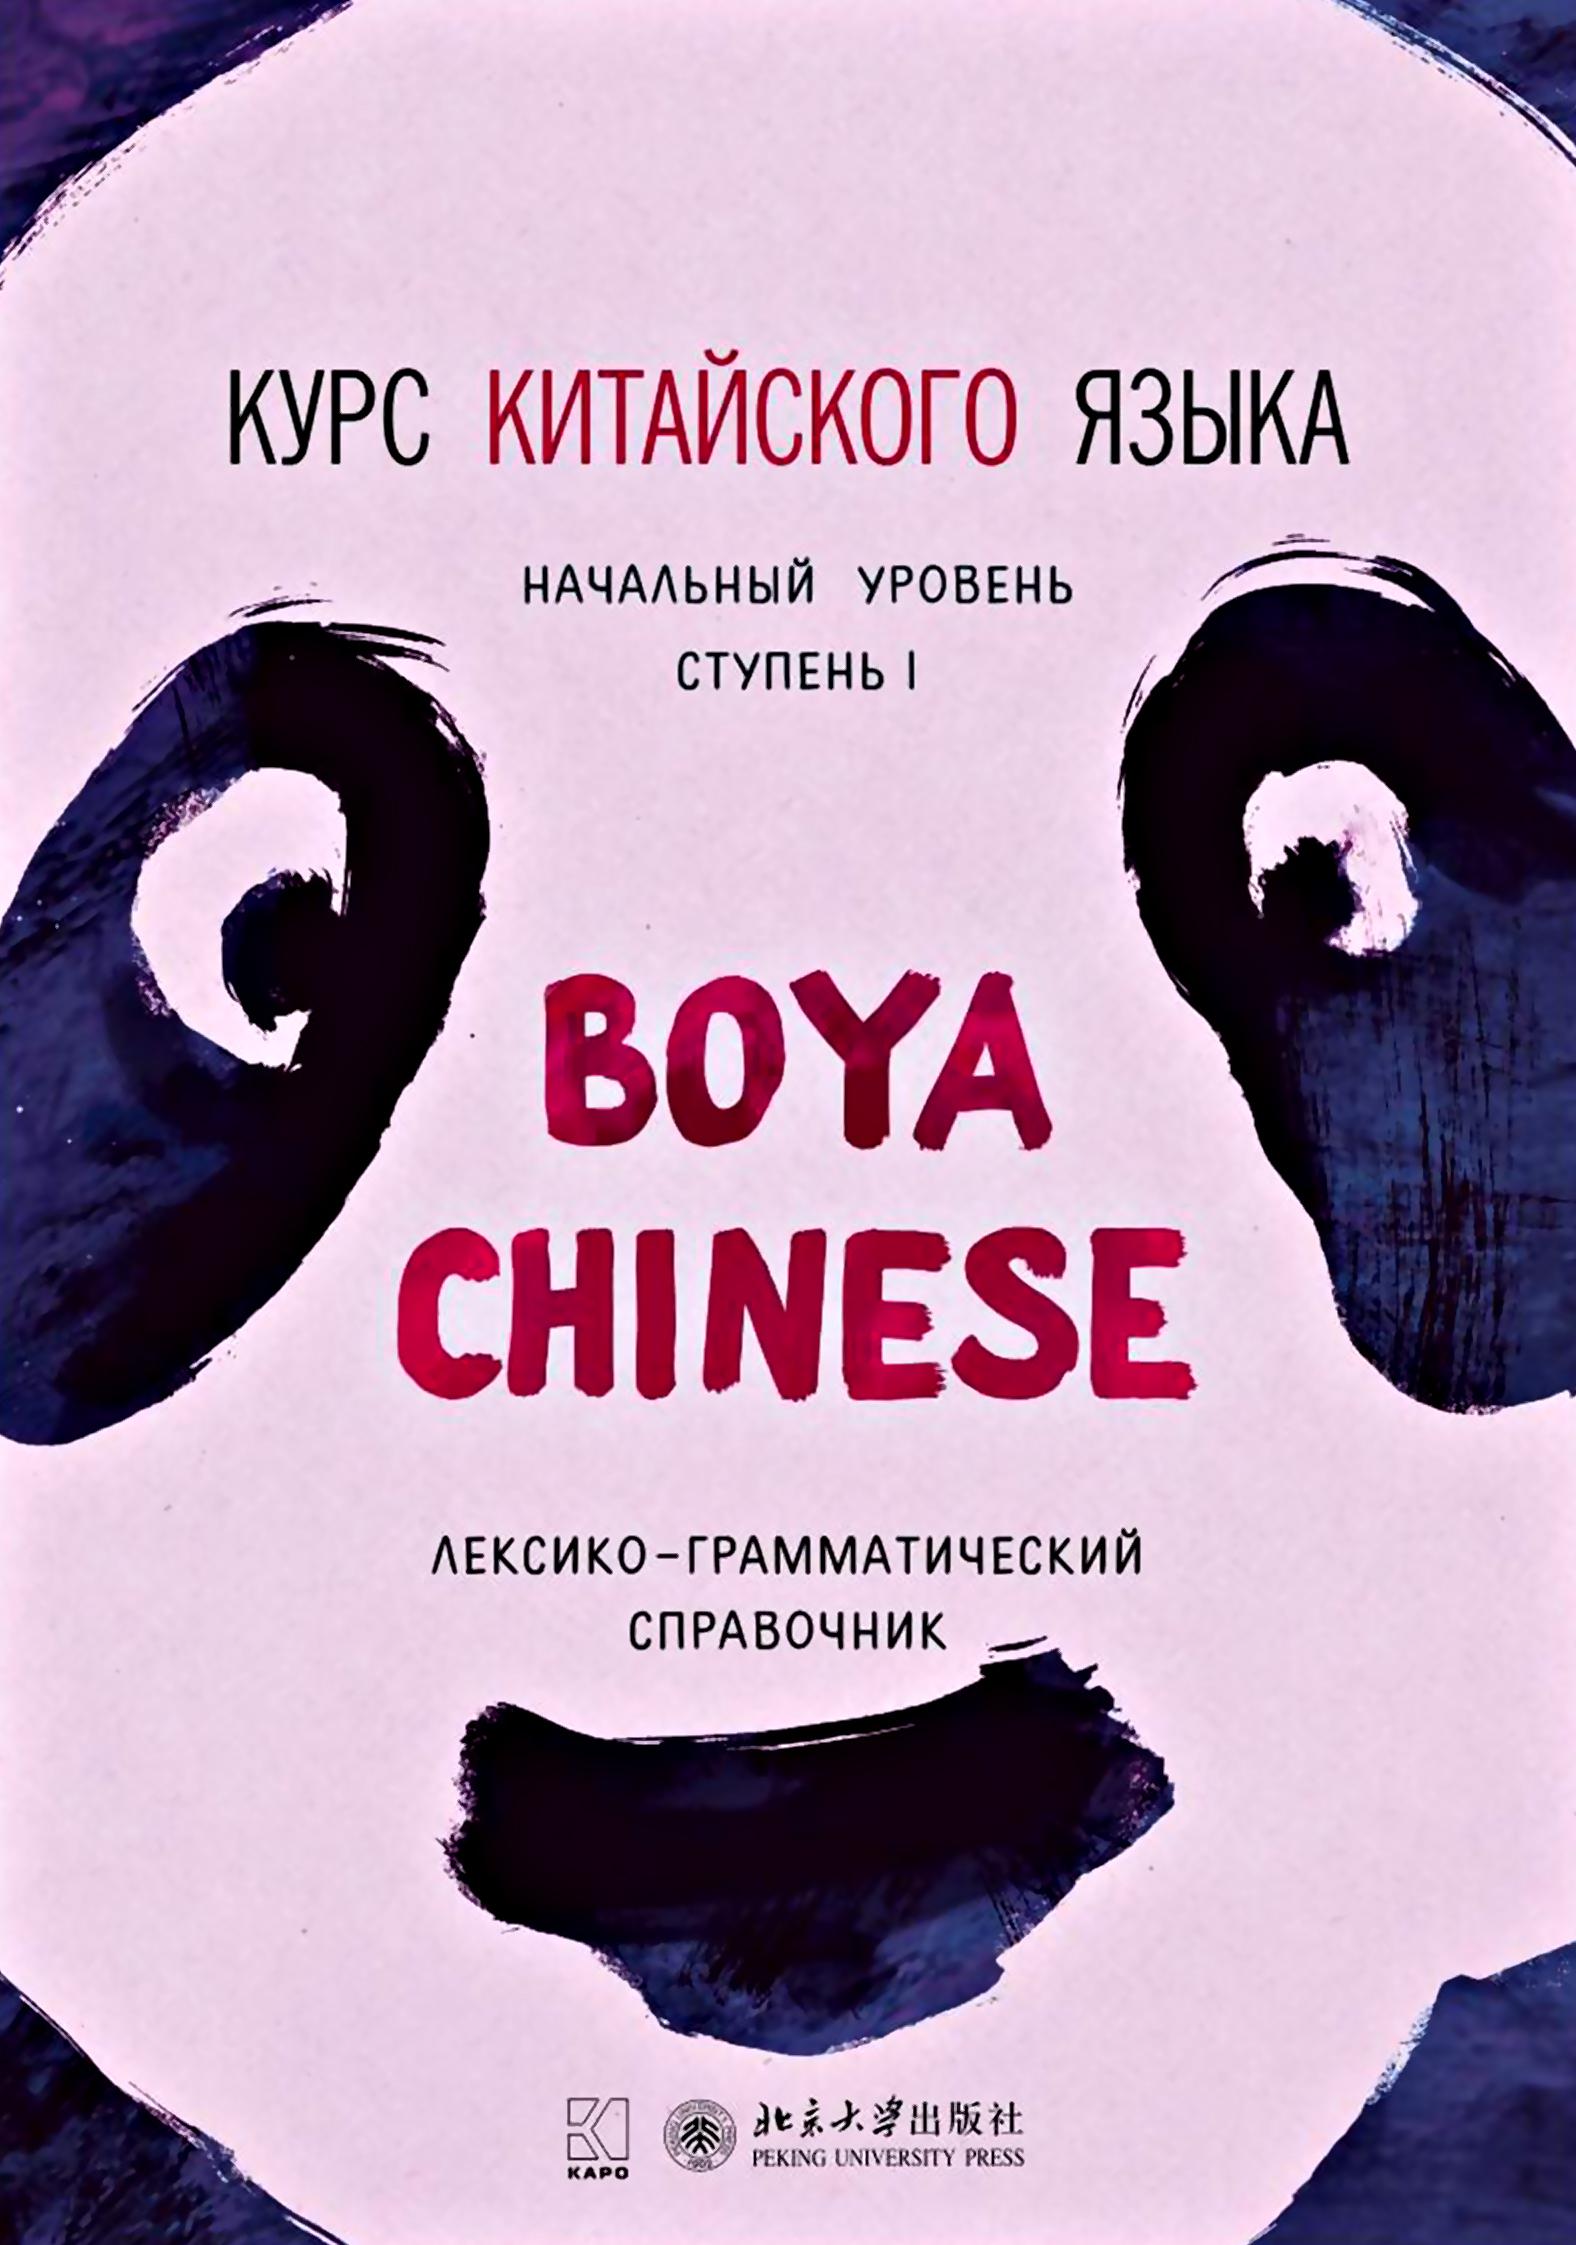 Ли Сяоци Курс китайского языка «Boya Chinese». Начальный уровень. Ступень I. Лексико-грамматический справочник скальп петуха veniard chinese cock cape